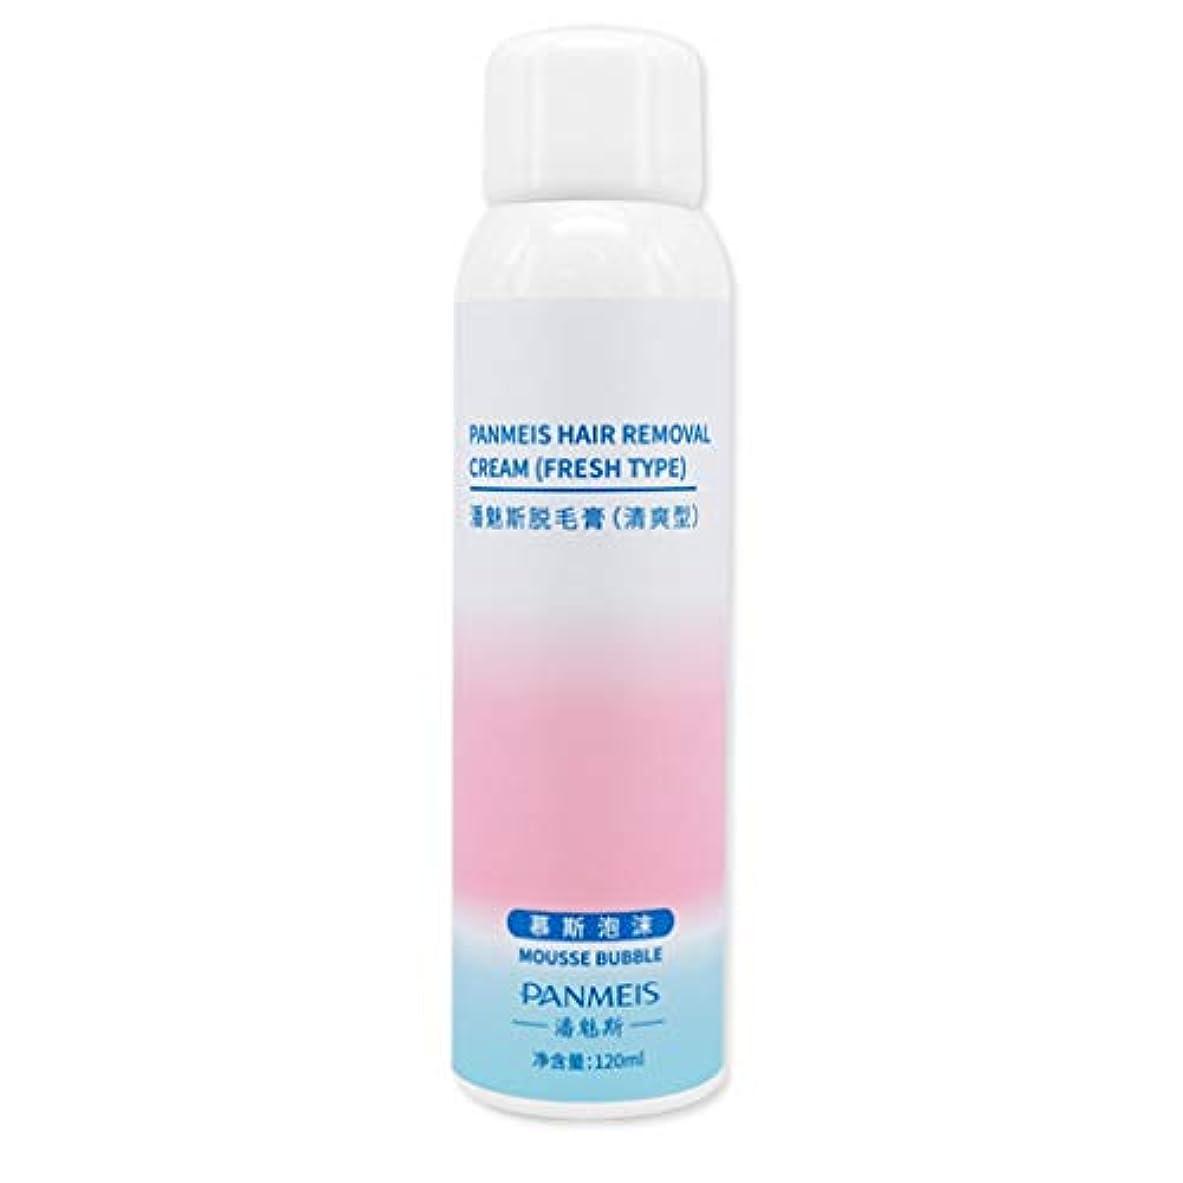 損なう支配するサッカー脱毛 温和無痛 敏感肌適当な、 脱毛スプレースーパーナチュラル痛みのないパーマネント脱毛クリームソフトスキン、安全で便利、細かい髪を取り除き、メイクをより親しみやすくする